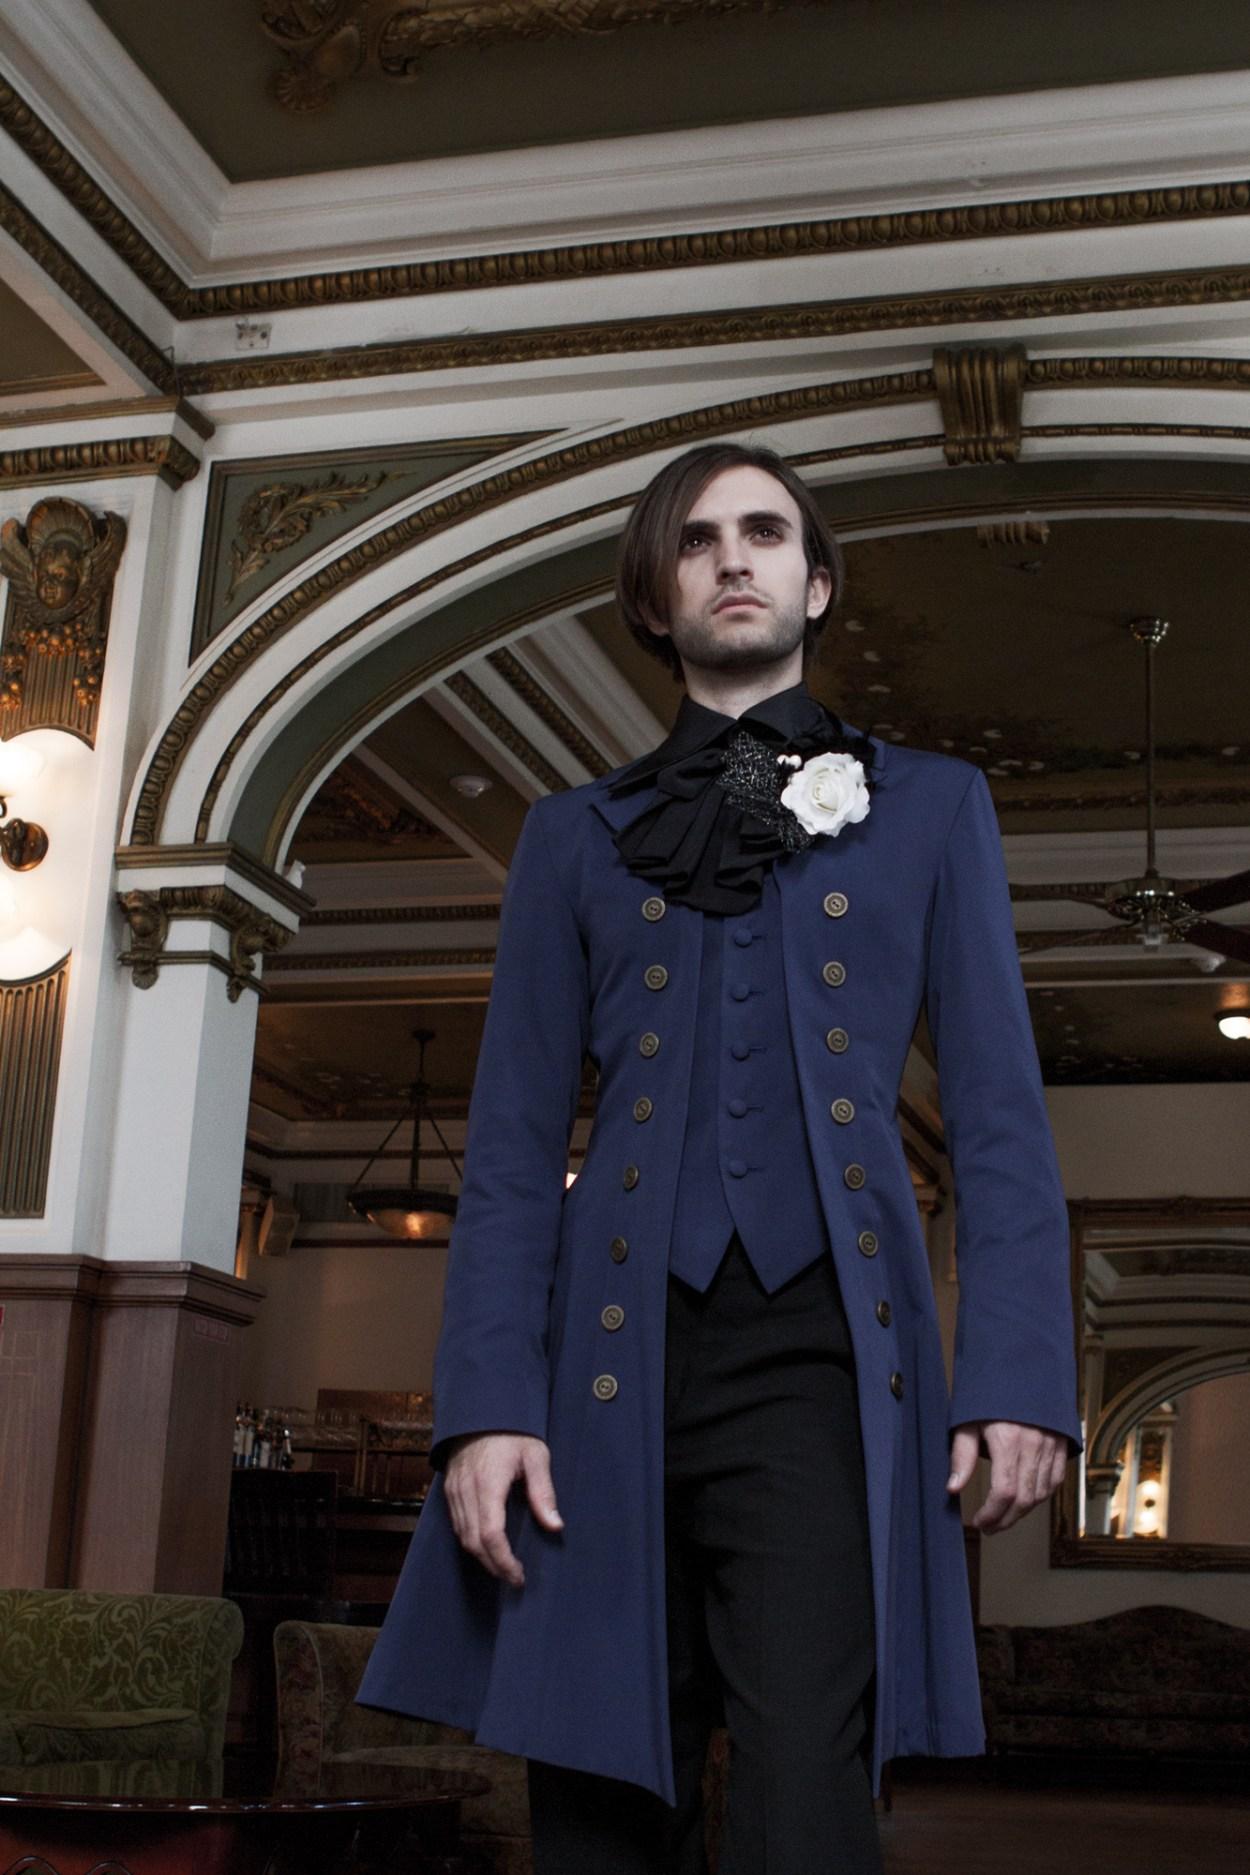 07-Atelier-BOZ-Roland-Jacket-Elegant-Male-Fashion-Wine